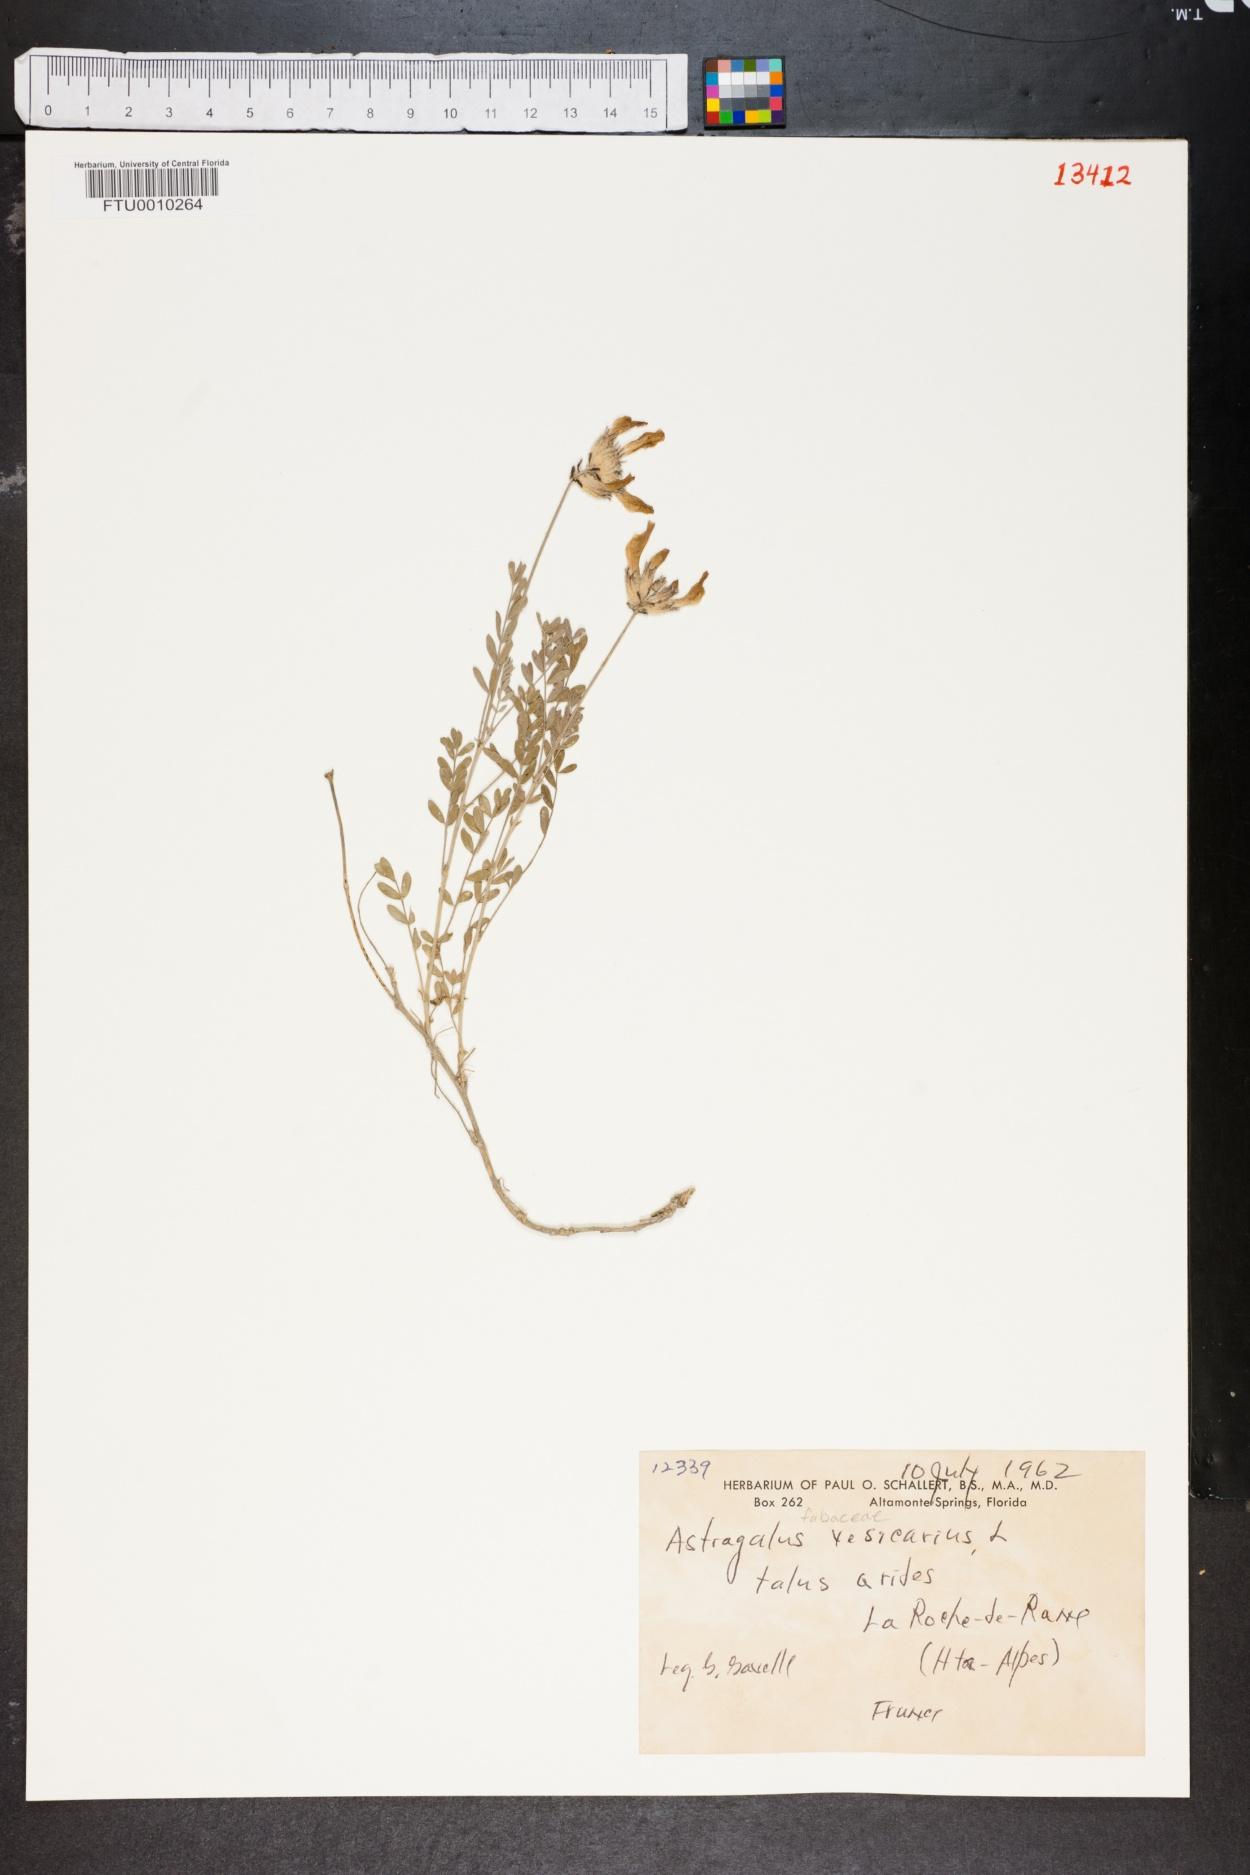 Astragalus vesicarius image